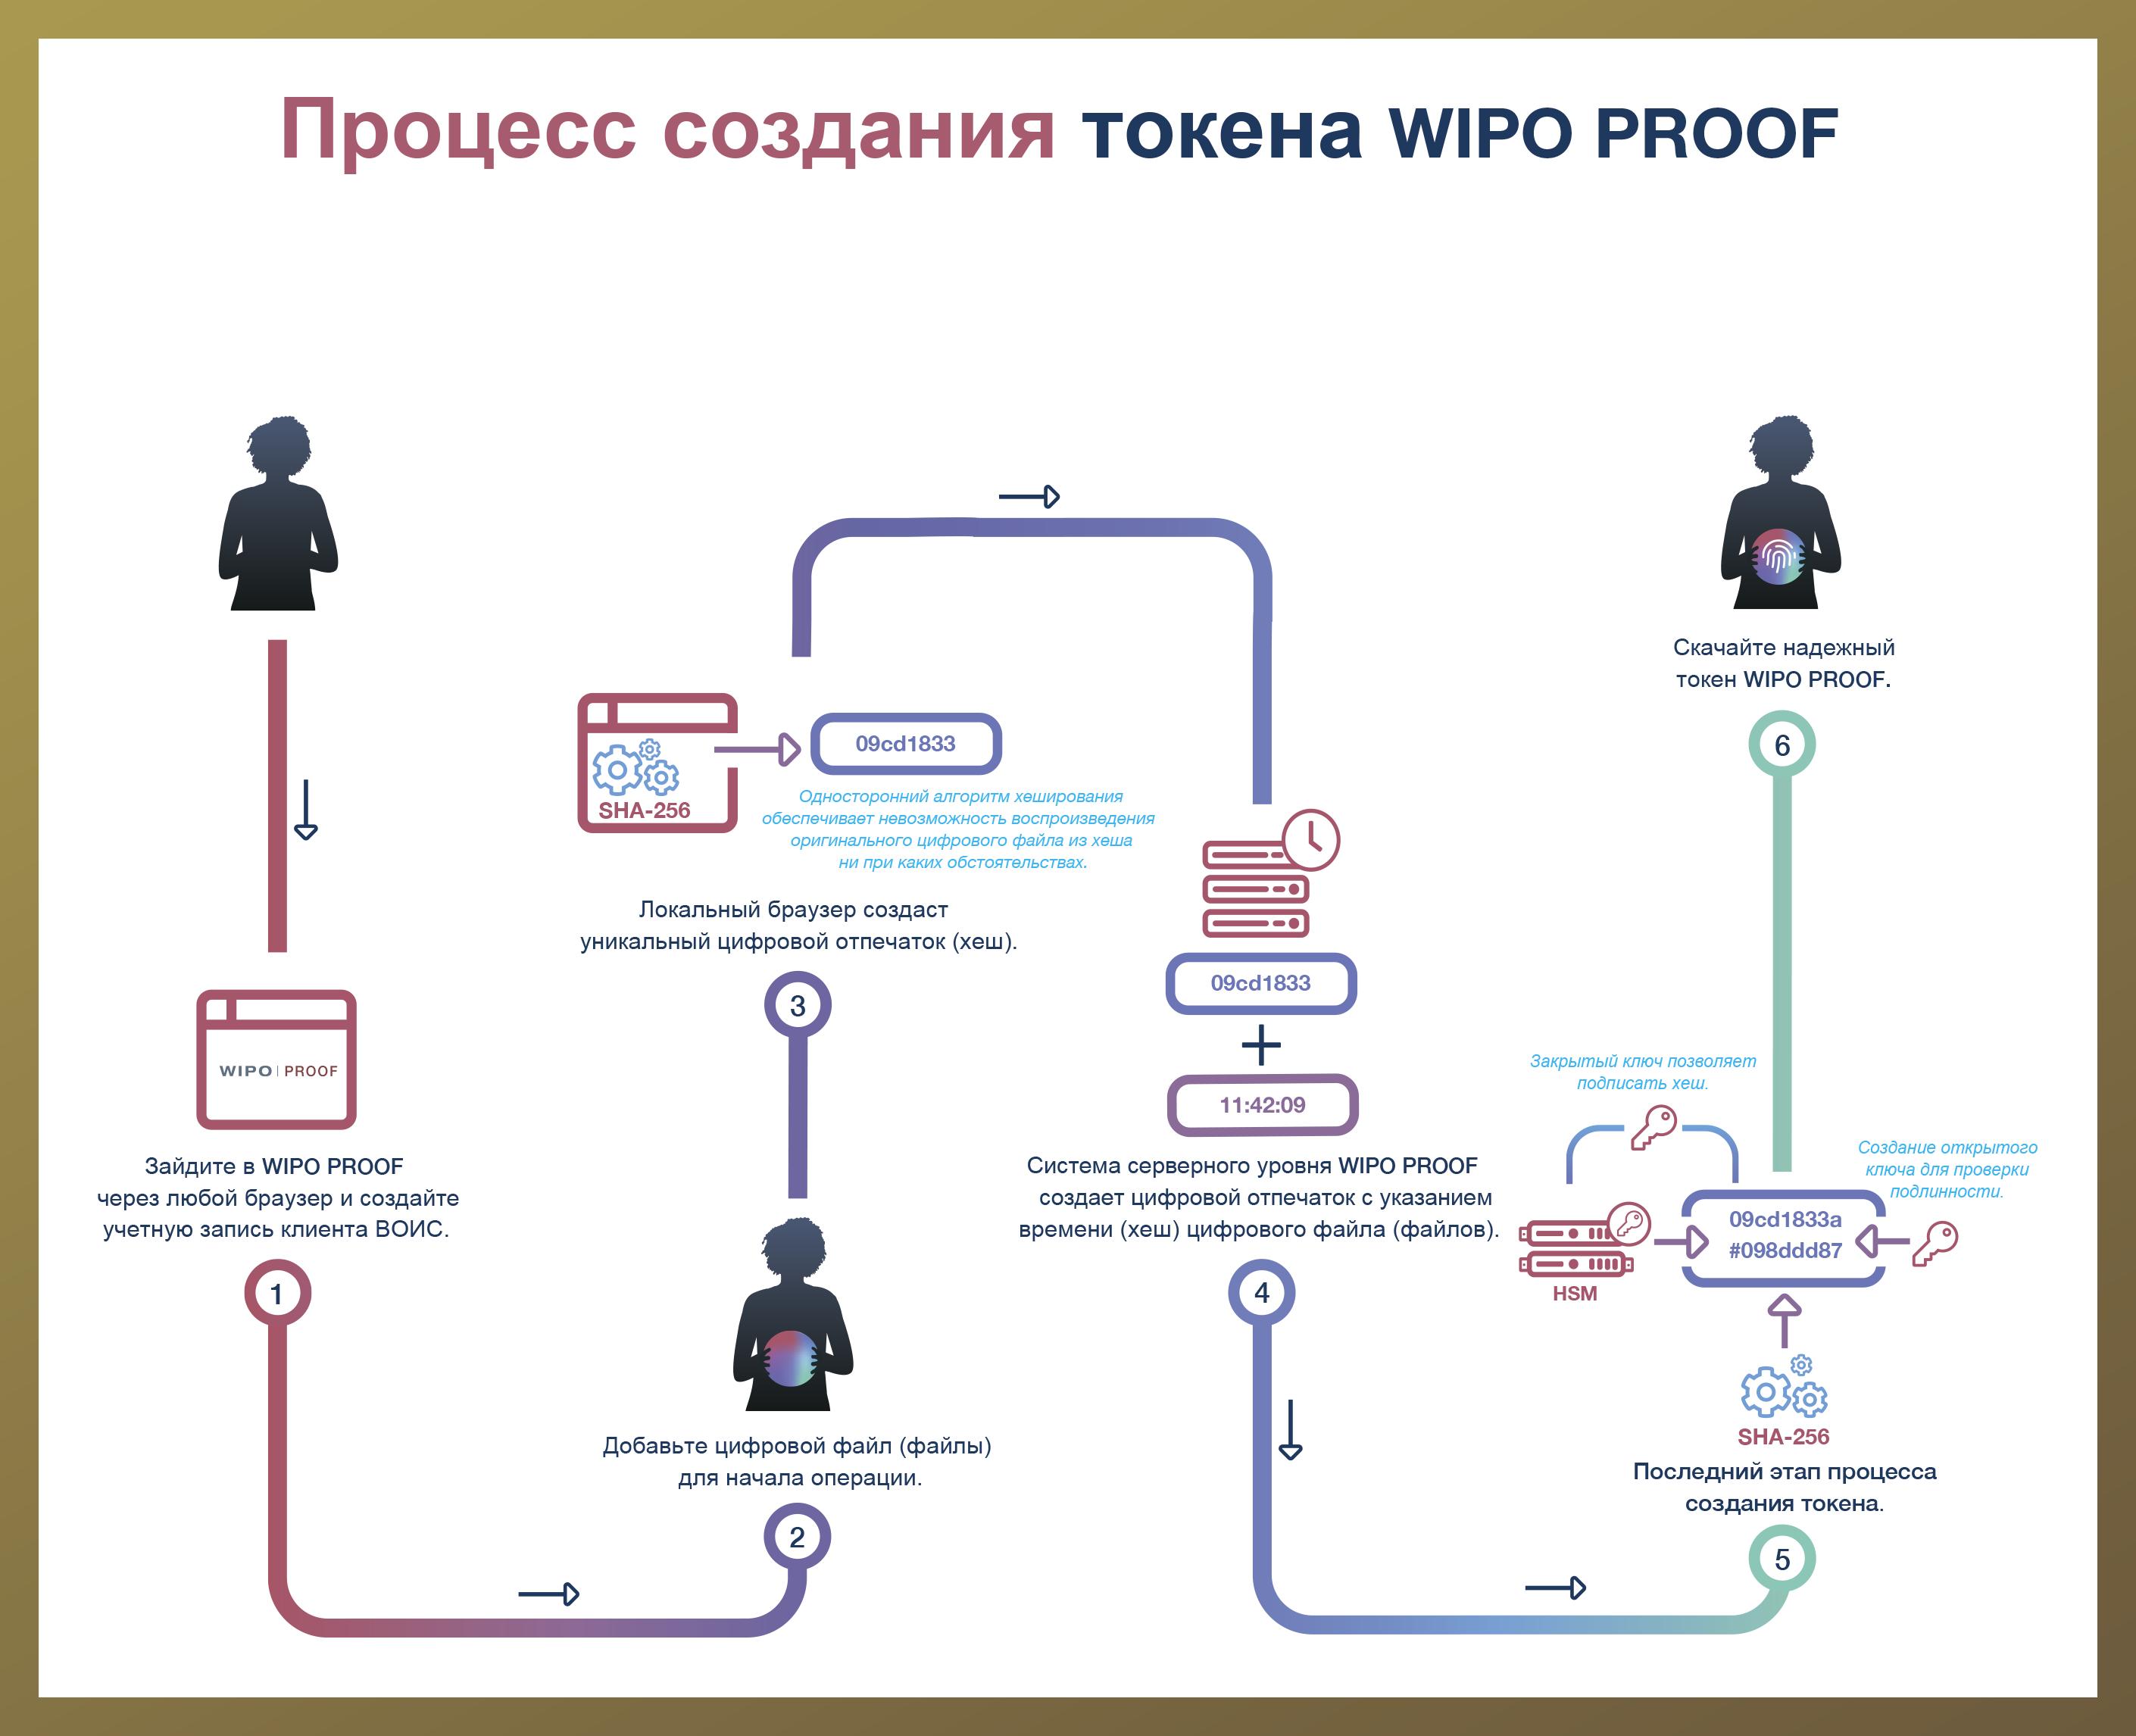 WIPO PROOF поможет доказать авторские права